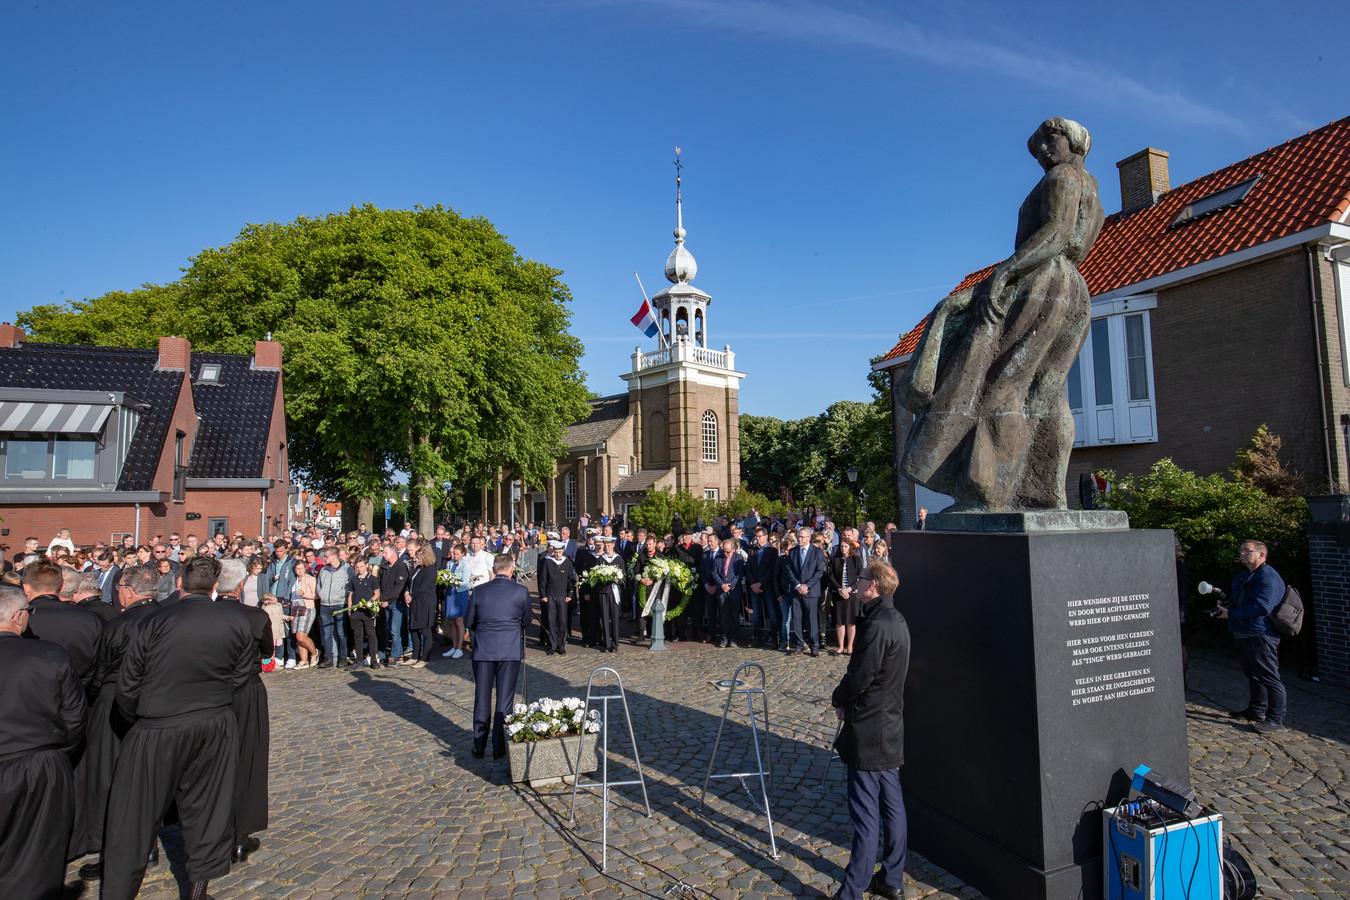 De jaarlijkse herdenking bij het vissersmonument op Urk werd ook zaterdag weer druk bezocht.